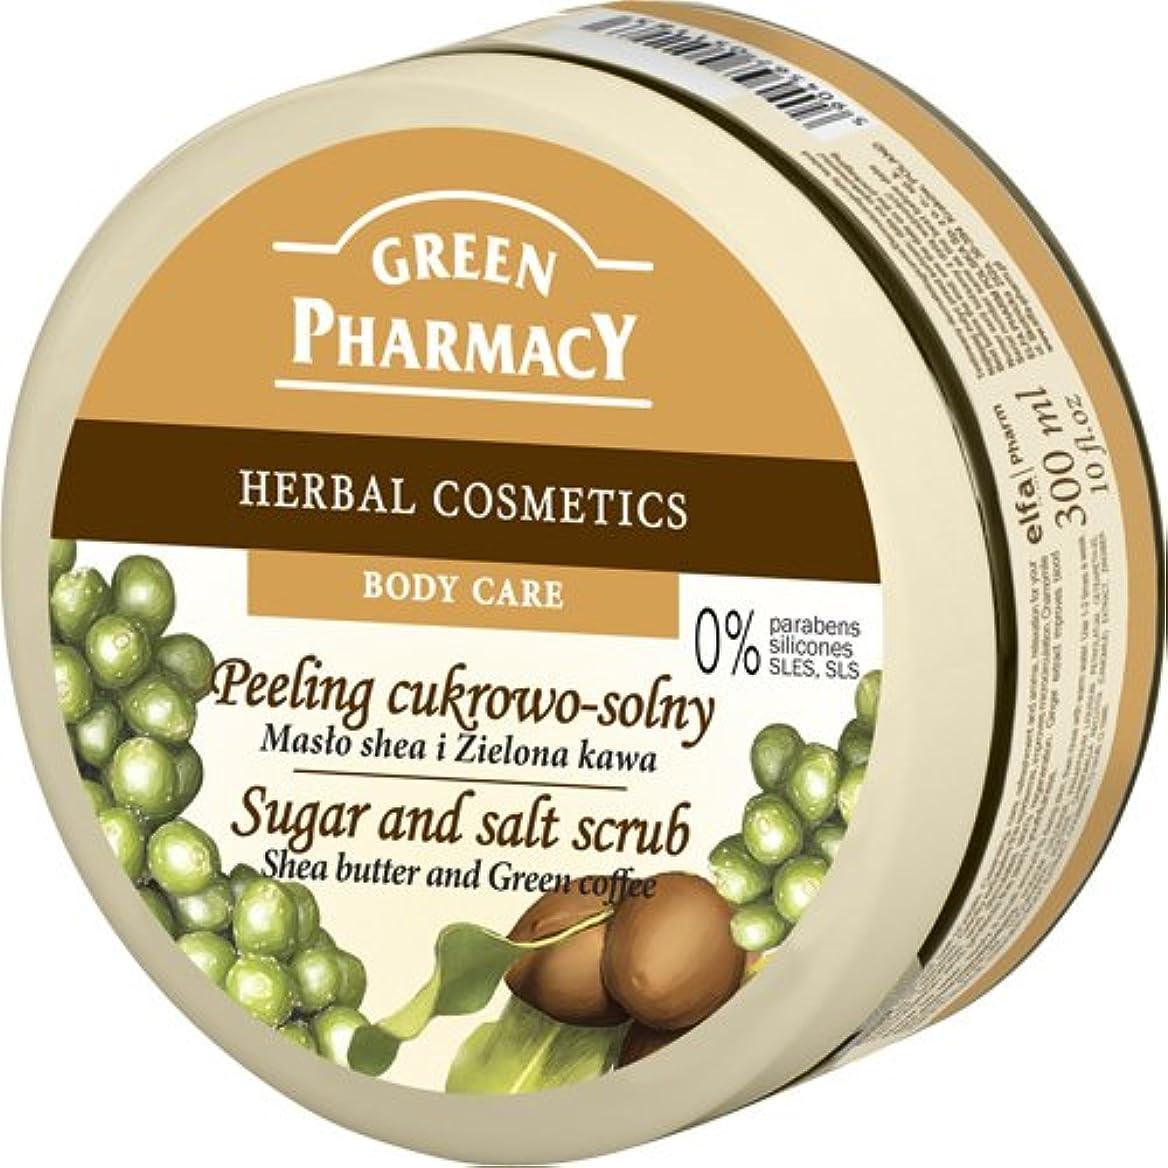 申し込む限界姉妹Elfa Pharm Green Pharmacy シュガー&ソルトスクラブ Shea Butter and Green Coffee